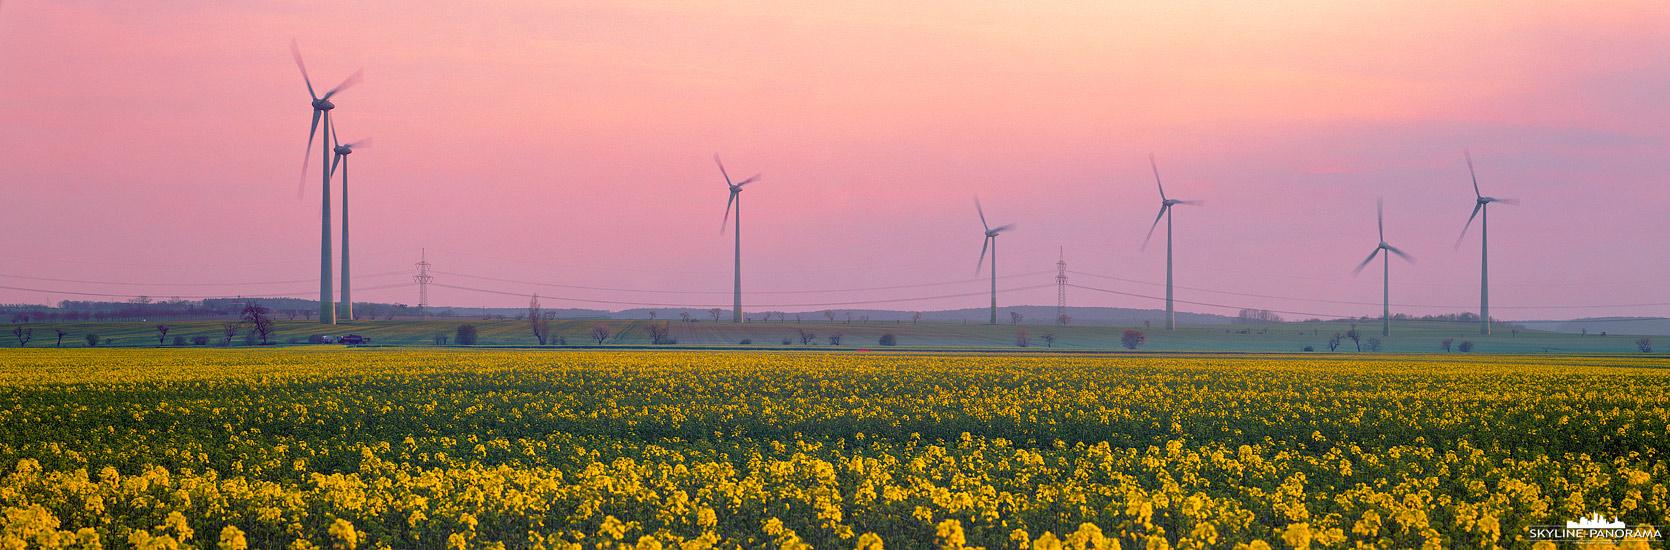 Panorama Energiewende – Zum Thema erneuerbare Energien; ein Rapsfeld mit einigen Windrädern im Harzvorland während des Sonnenuntergangs, im Hintergrund ist eine Hochspannungsleitung zu sehen.